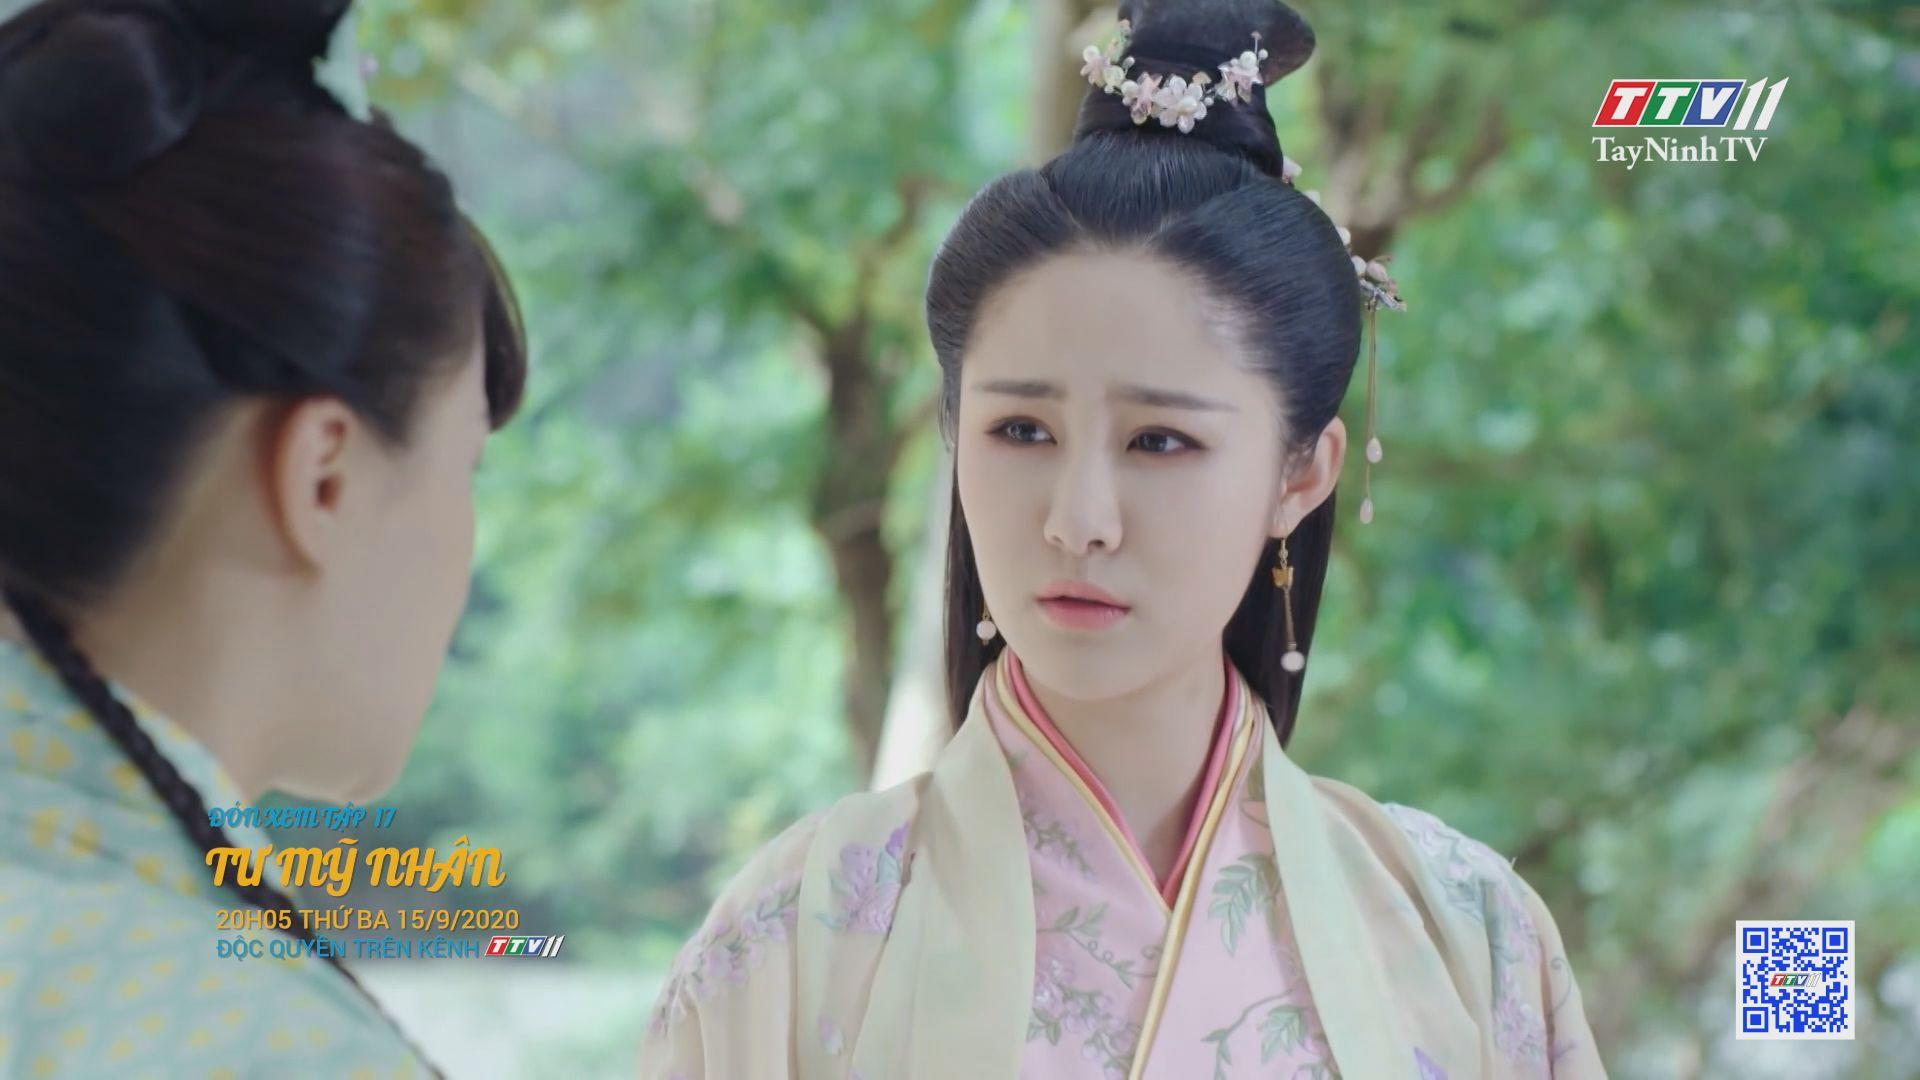 Tư mỹ nhân-TẬP 17 trailer | PHIM TƯ MỸ NHÂN | TayNinhTV